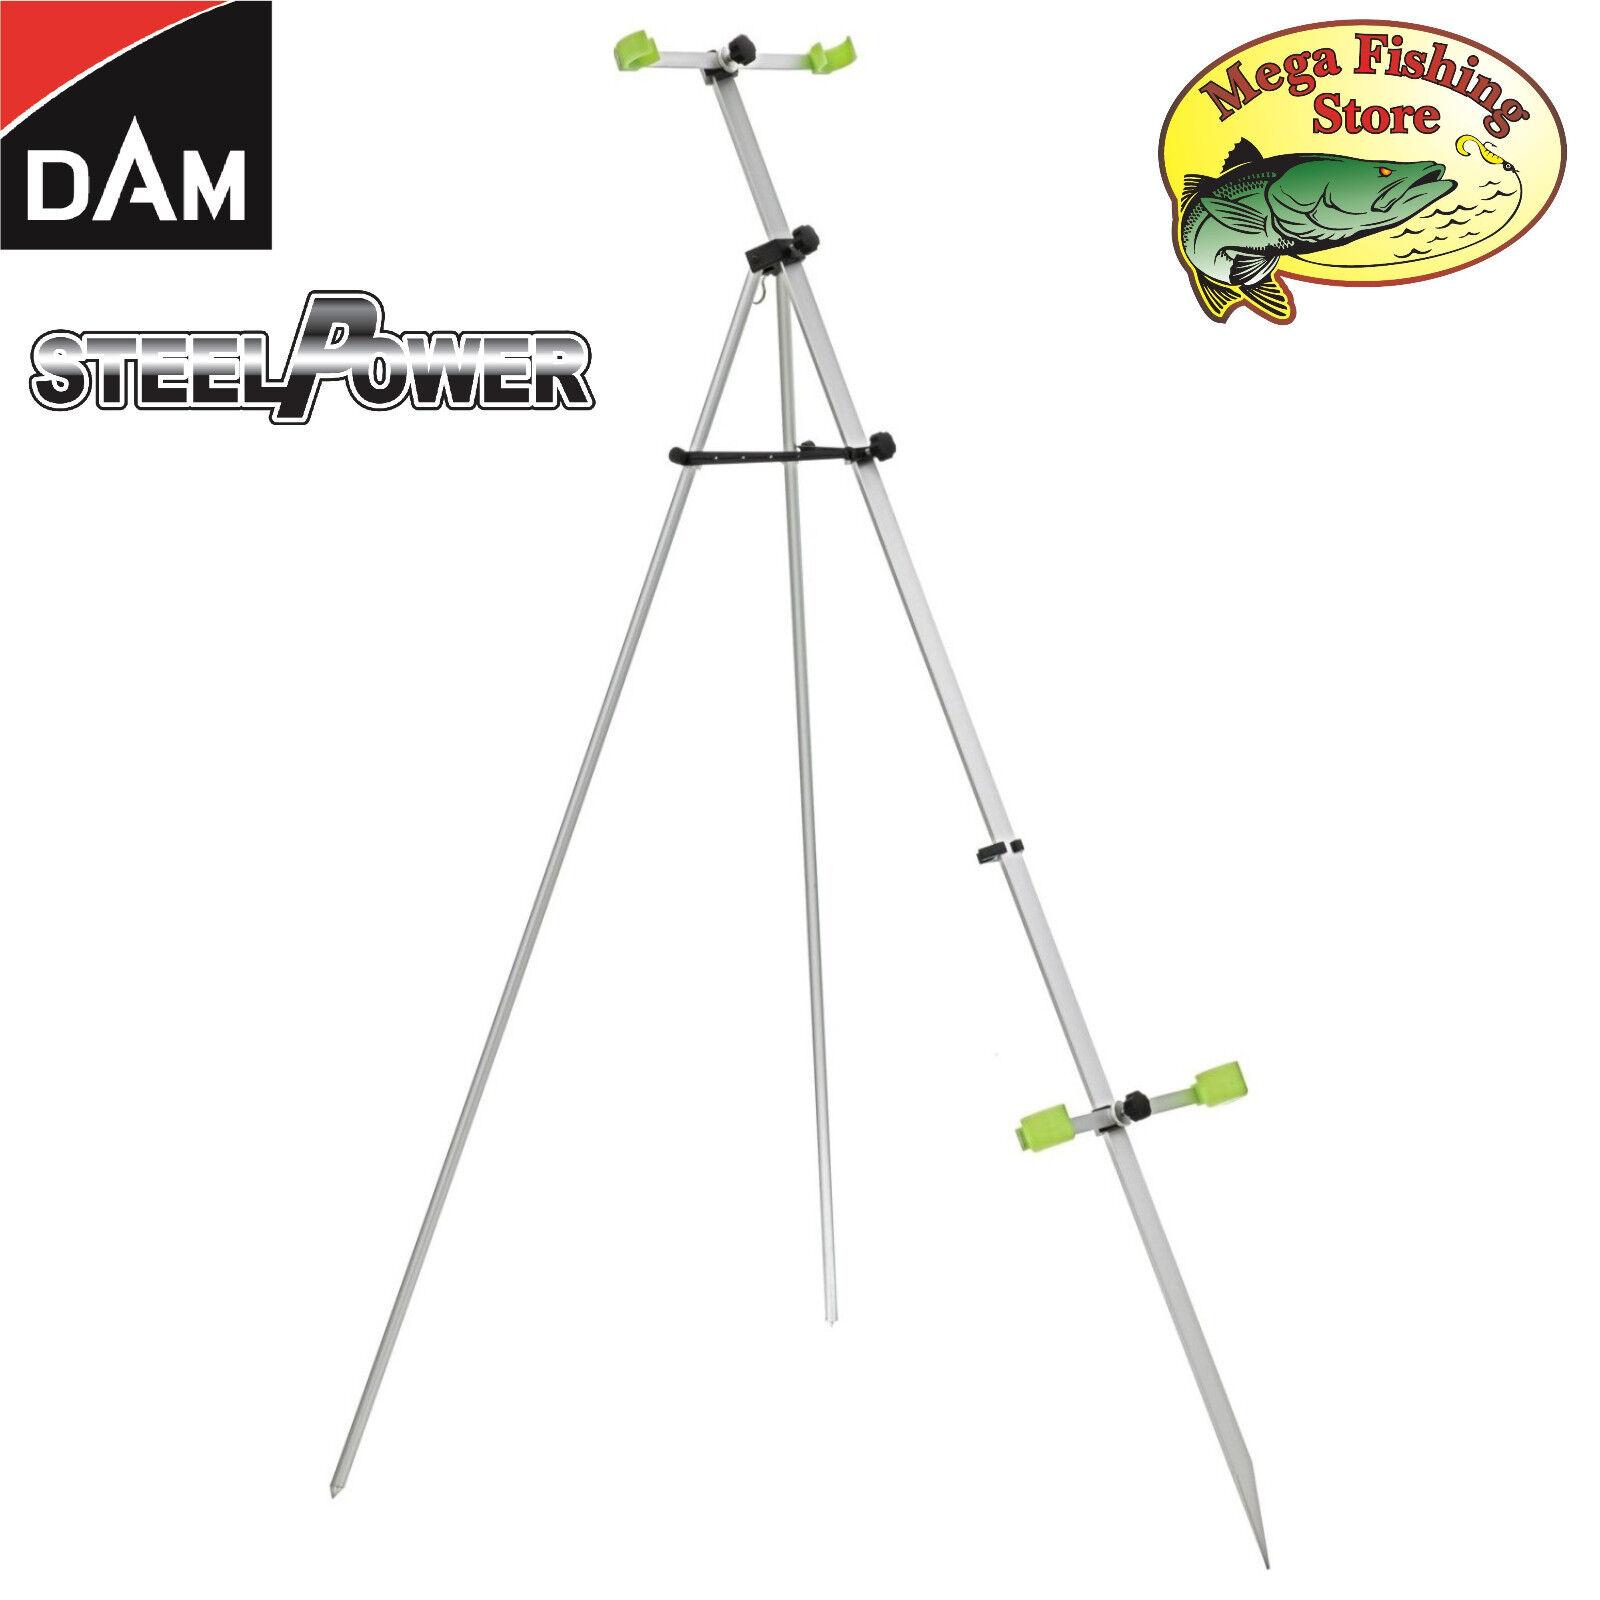 Dam steelpower cañas Tripod 1,70m -  oleaje tres pierna soporte para cañas soporte cañas  ¡No dudes! ¡Compra ahora!